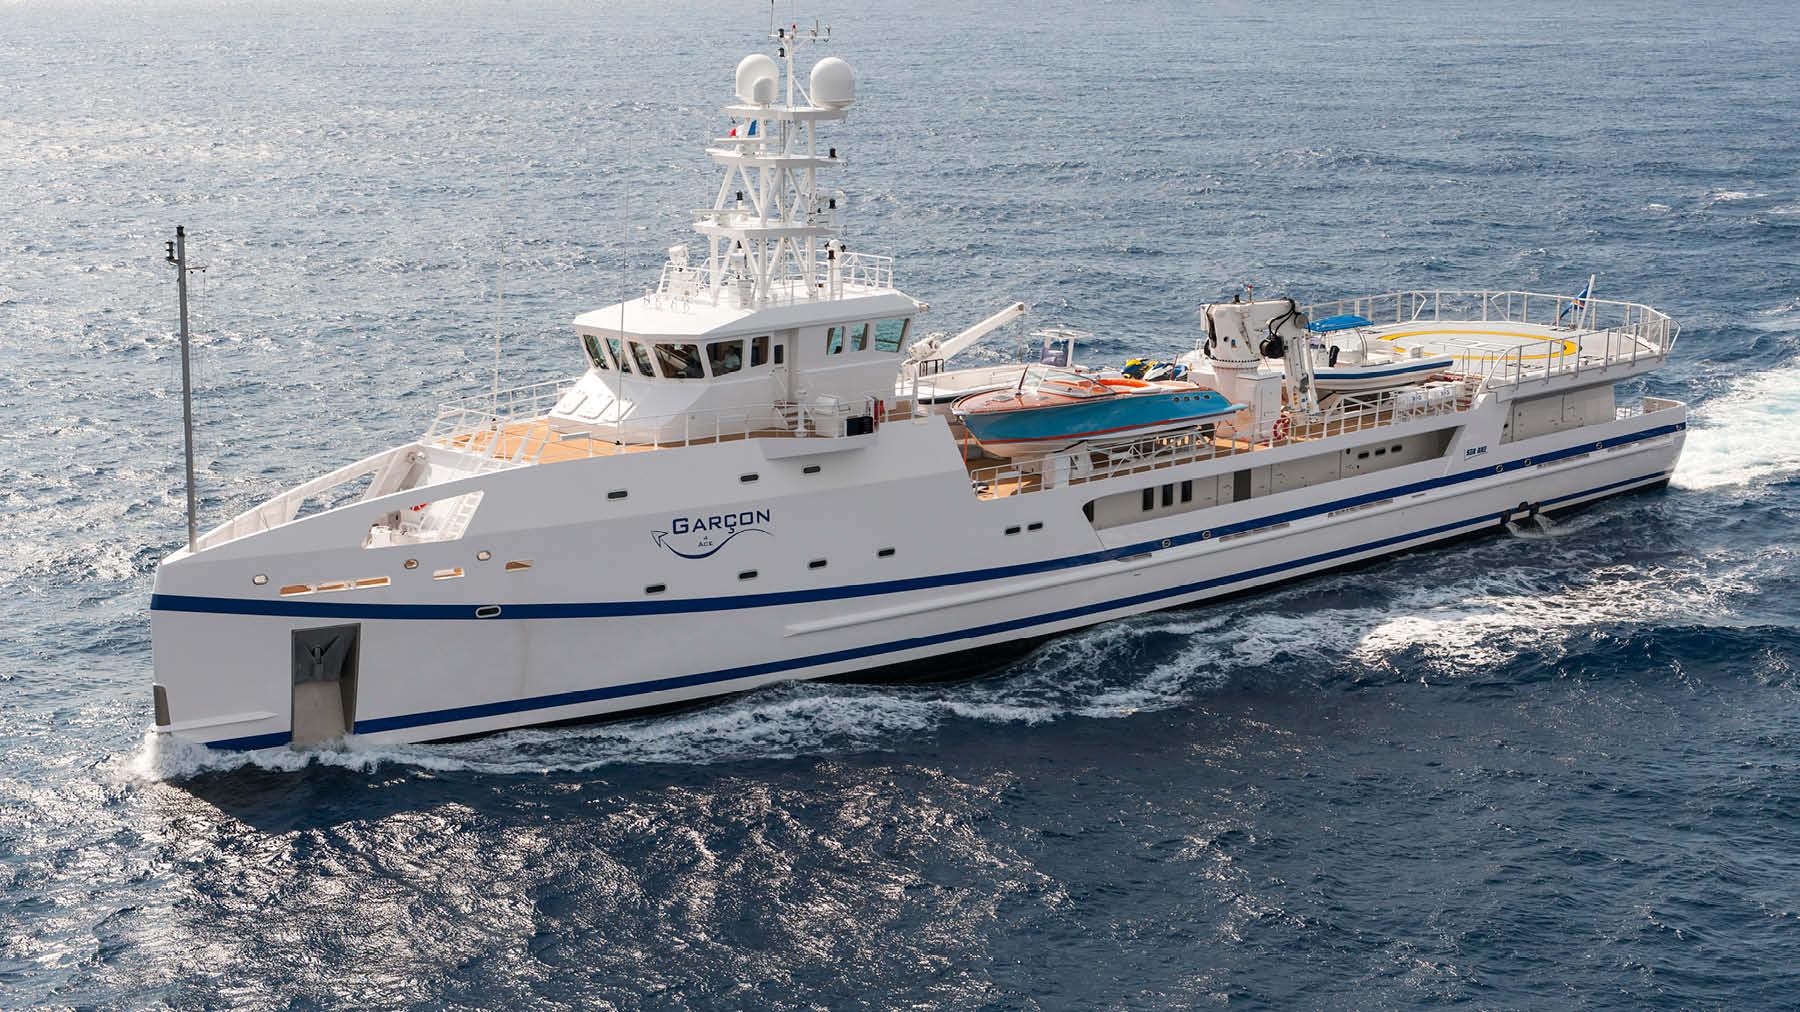 yacht garcon